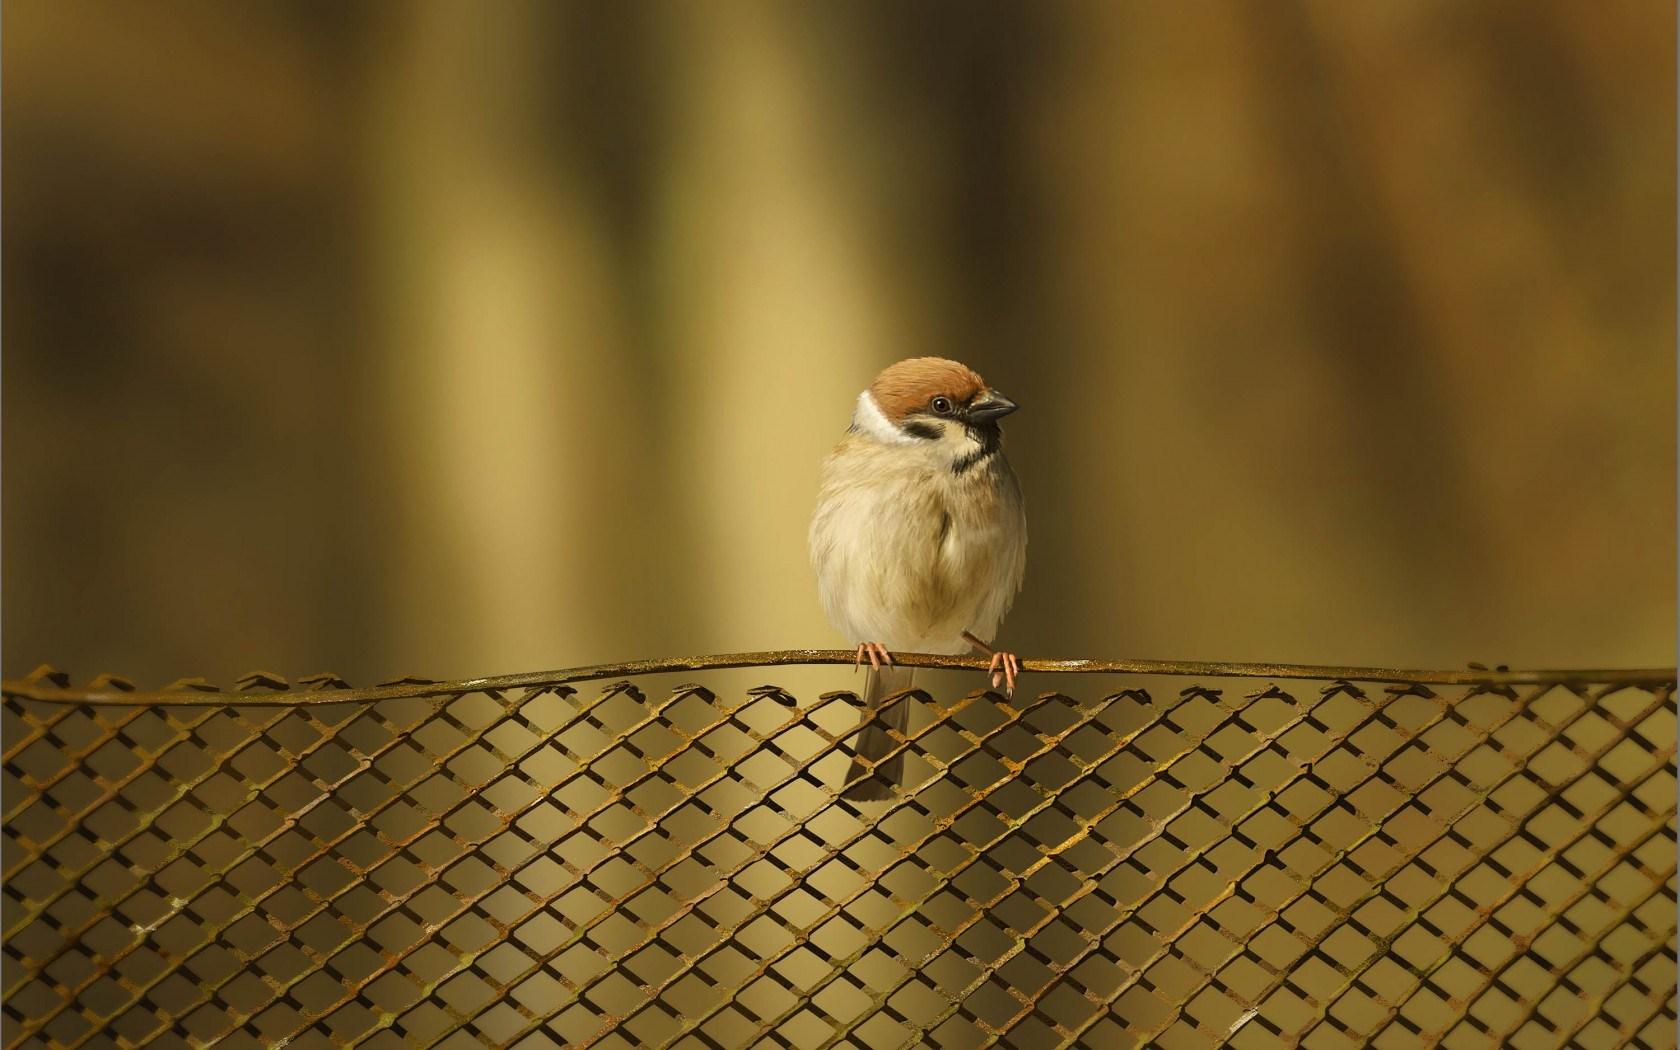 sparrow images bird